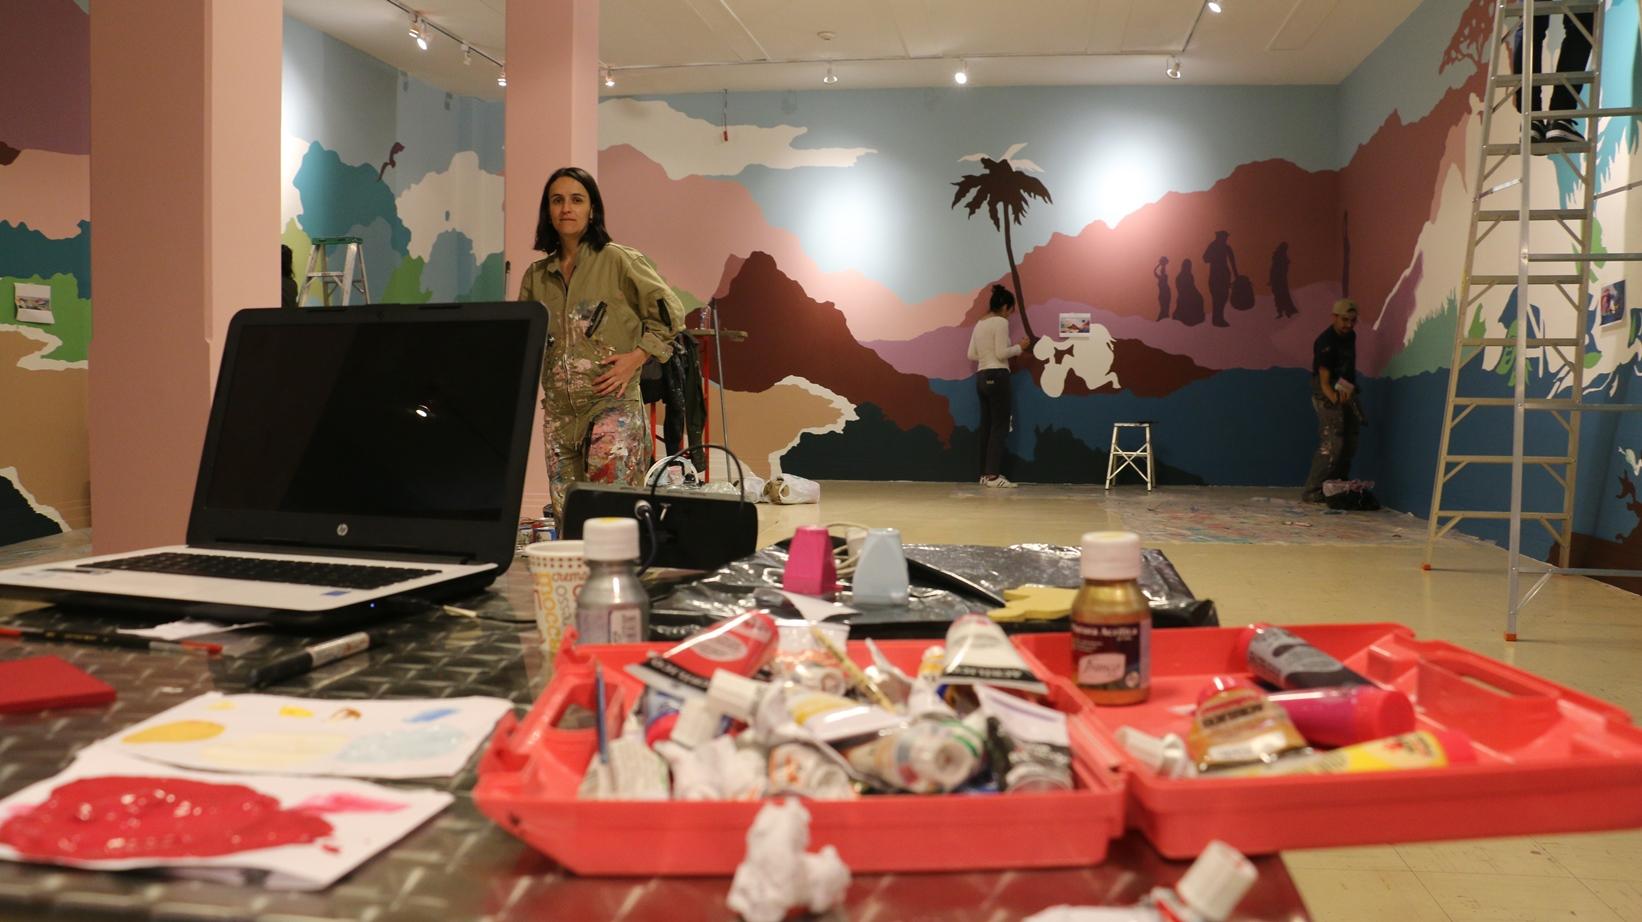 El mural comienza con la historia de las haciendas en su apogeo y culmina con una hacienda y una economía colapsadas, según explica la artista Gabriela Pinilla.